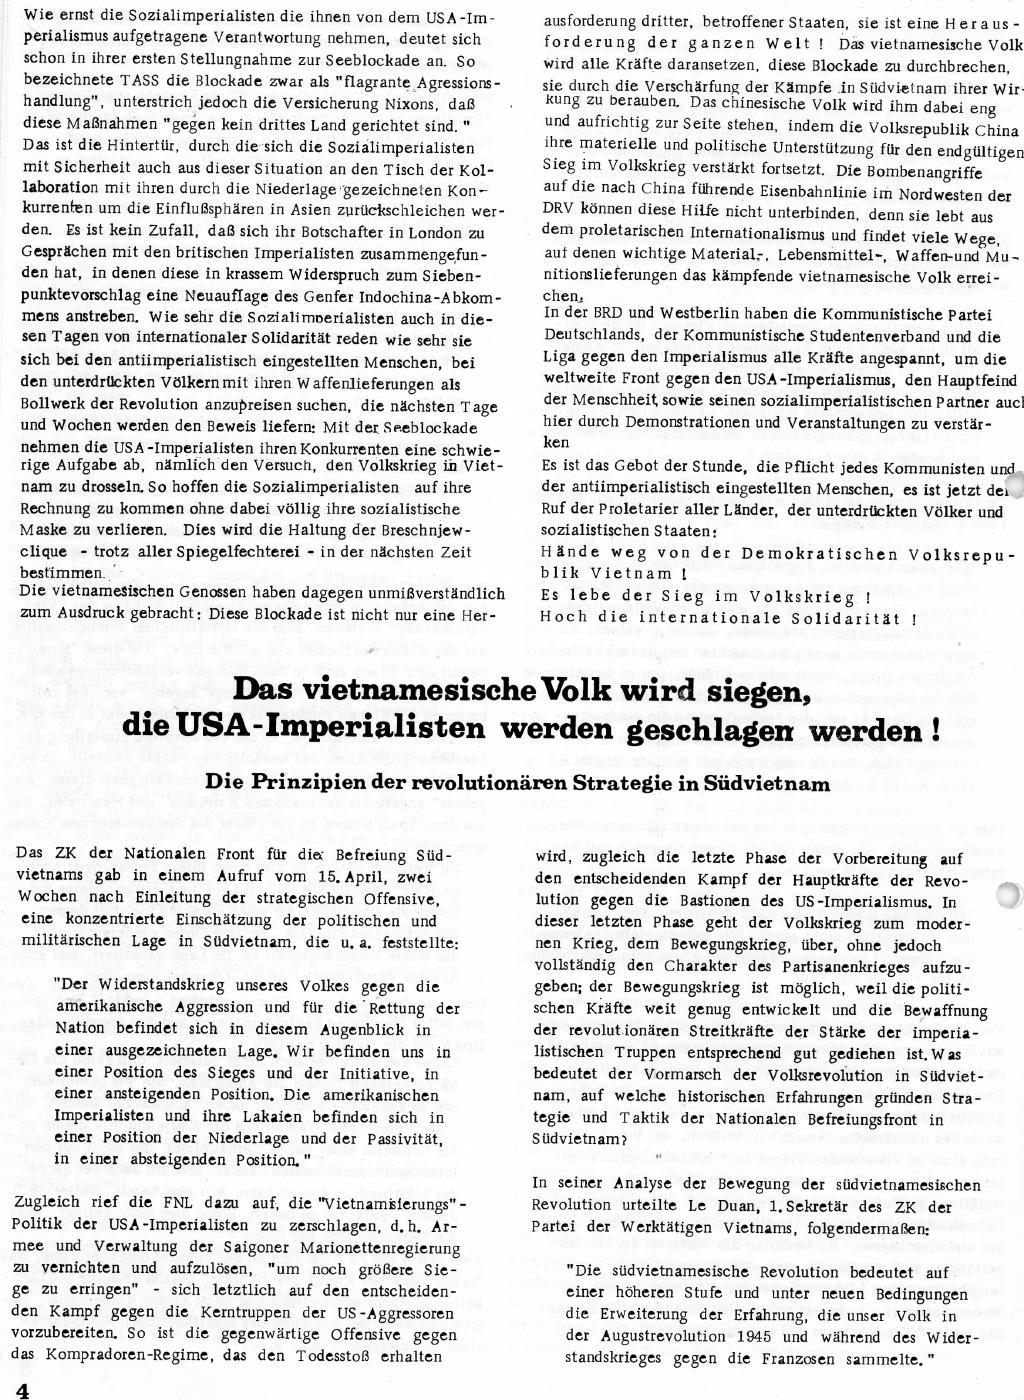 RPK_1972_167_04